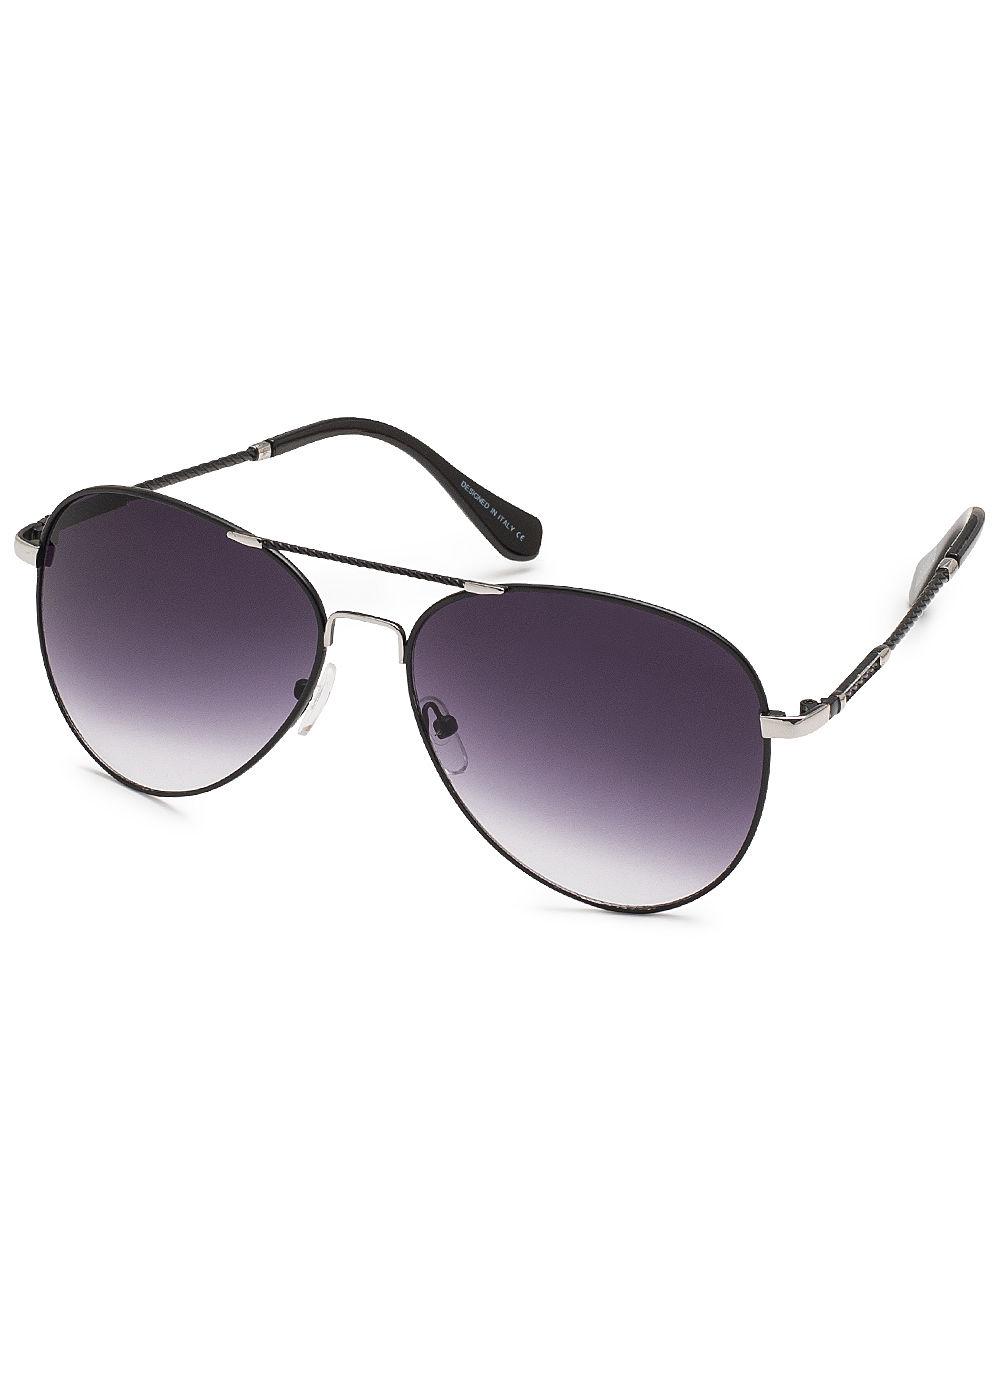 hailys damen sonnenbrille uv schutz 400 schwarz silber 77onlineshop. Black Bedroom Furniture Sets. Home Design Ideas